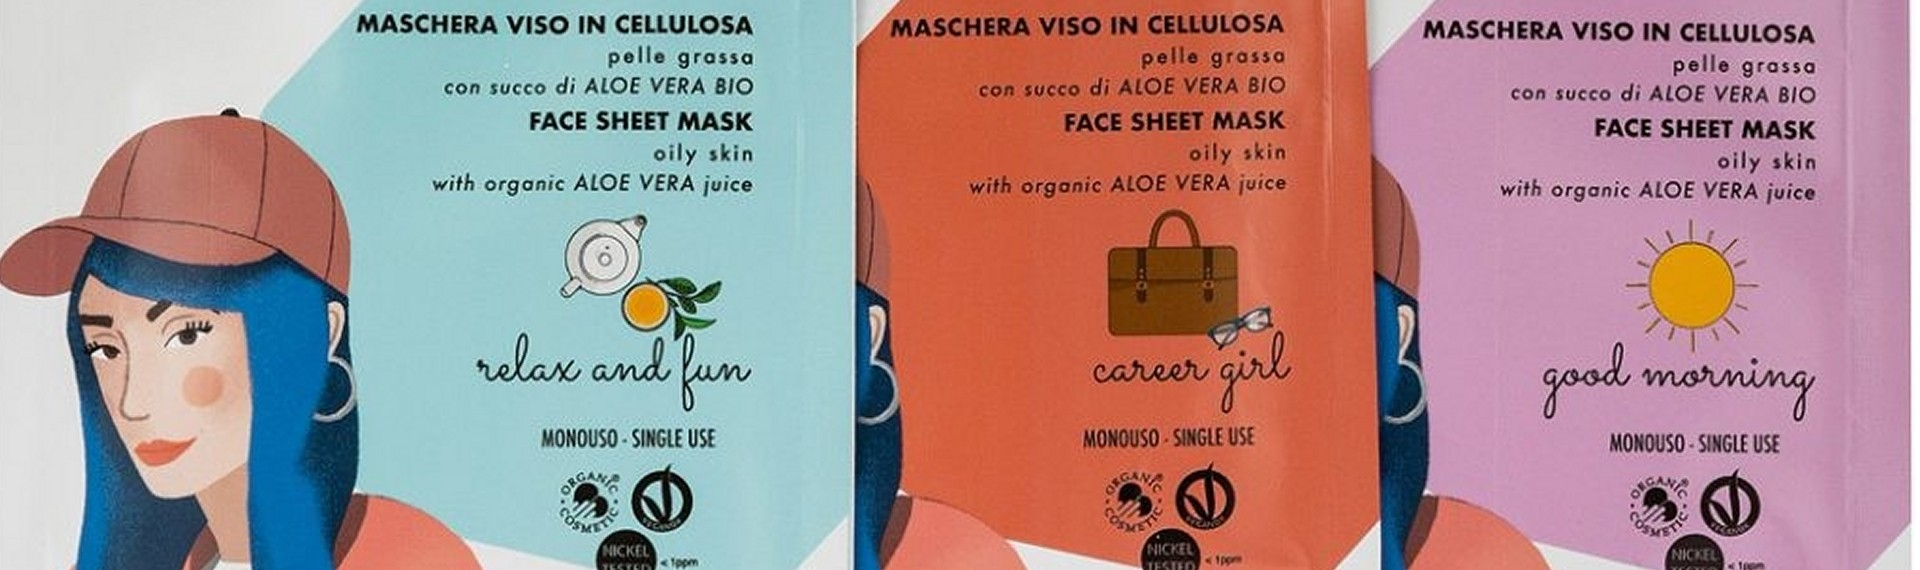 Maschere viso in cellulosa puroBIO for Skin